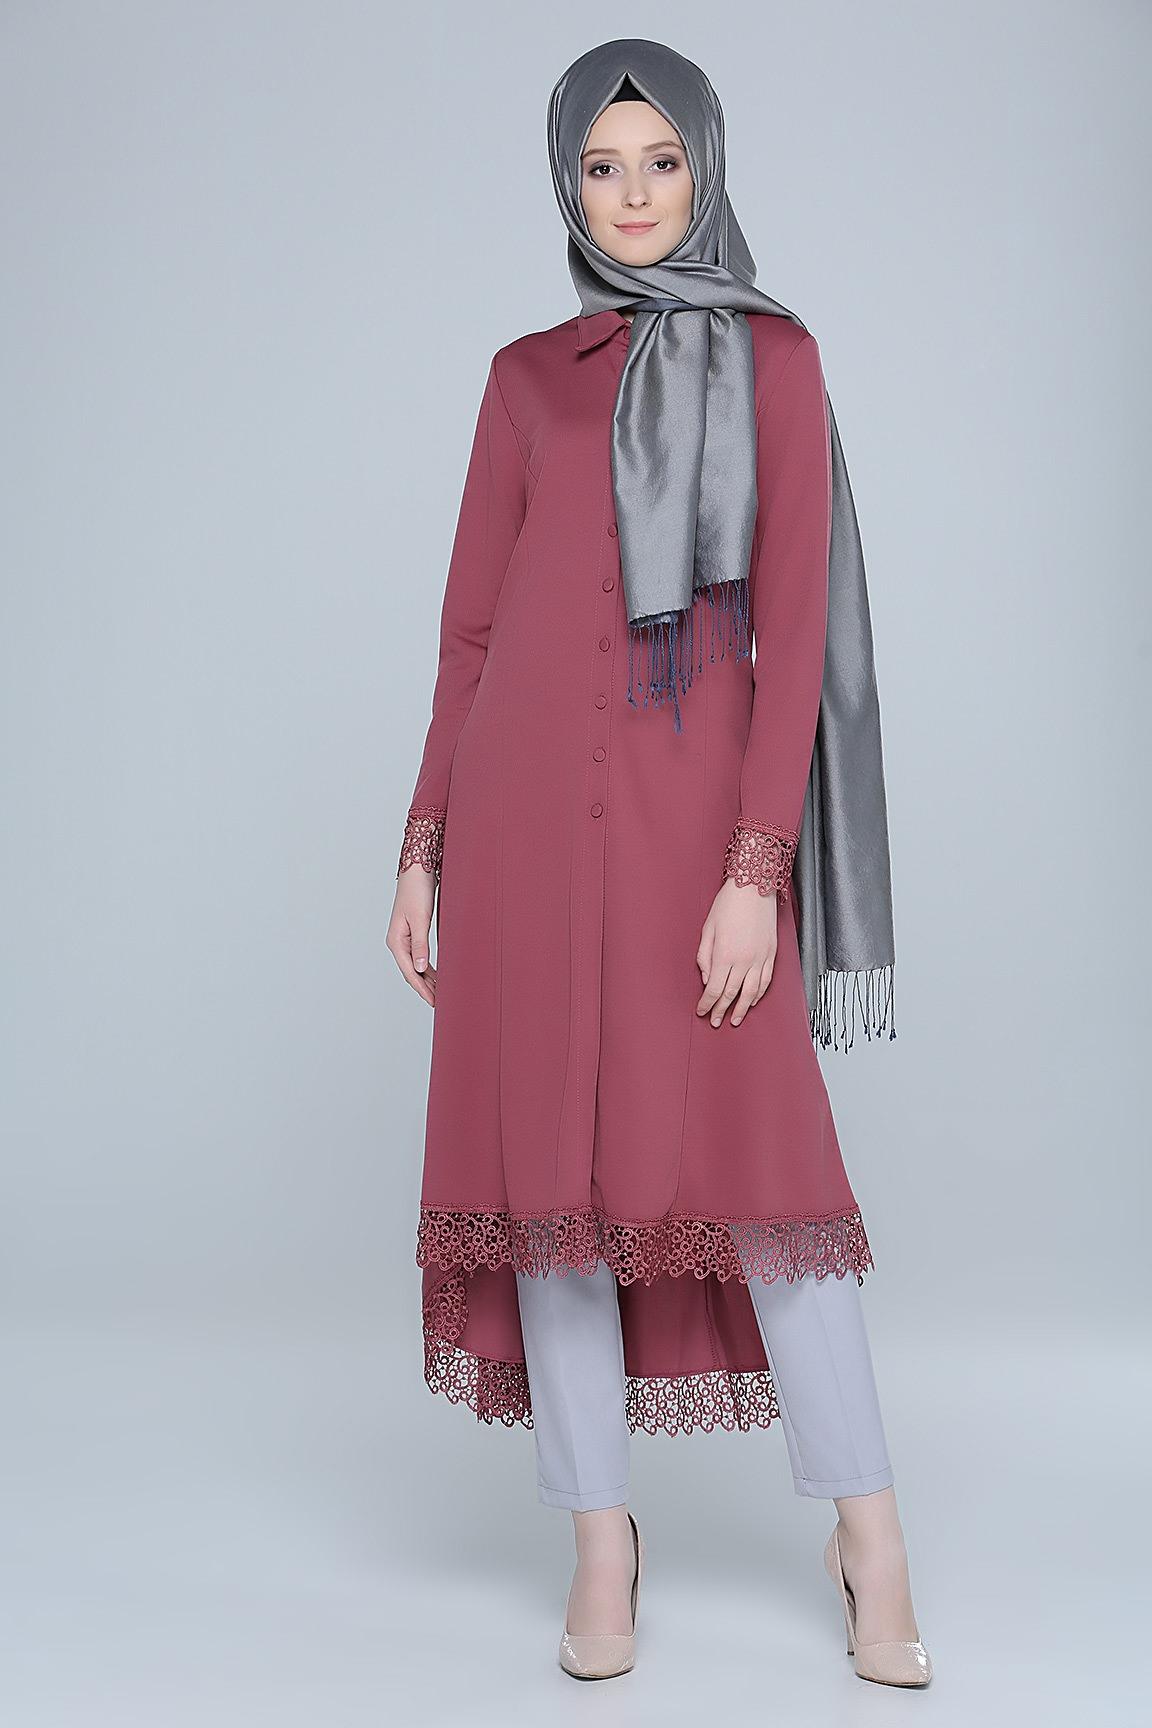 صوره تونيكات محجبات , بالصور اجمل الملابس للمحجبات